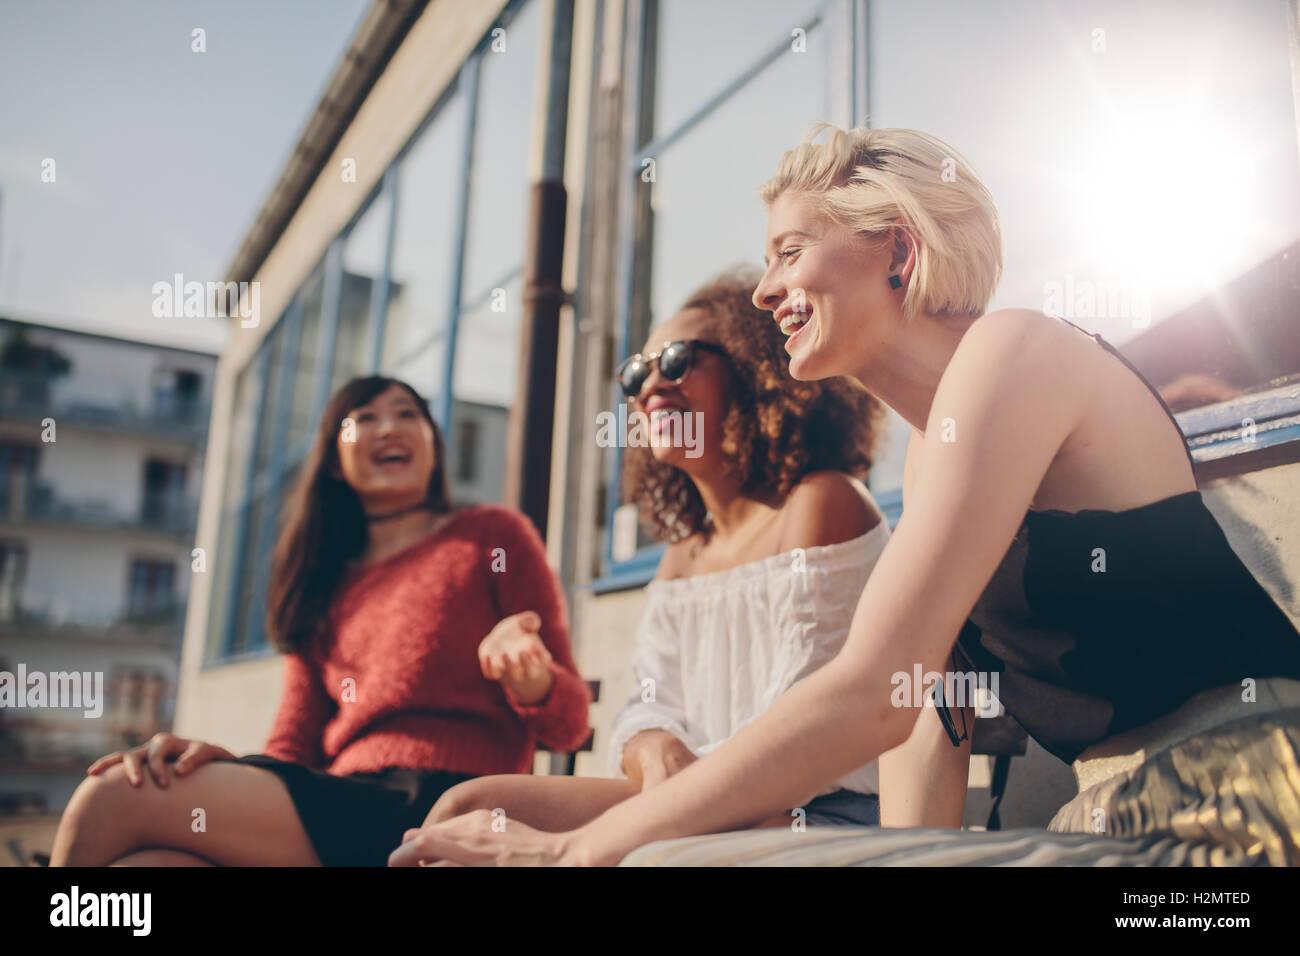 Grupo de amigas divirtiéndose mientras está sentado en la cafetería al aire libre. Tres jóvenes Imagen De Stock